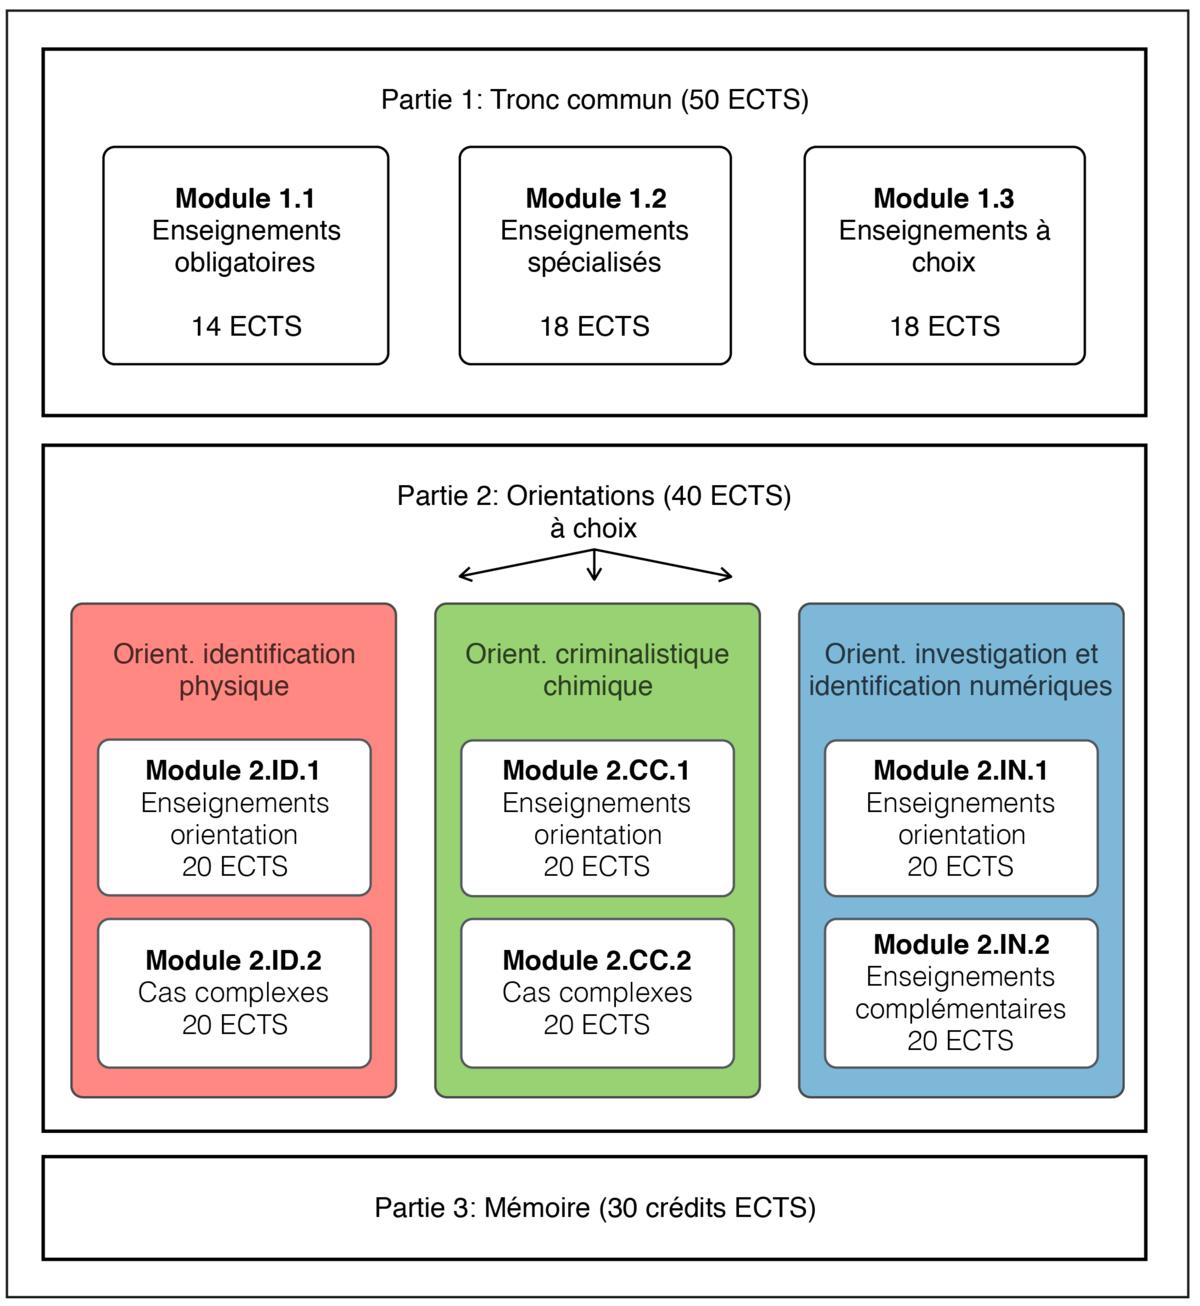 ESC-ReglMScScienceforensique2016Vdef-resize1200x1306.png